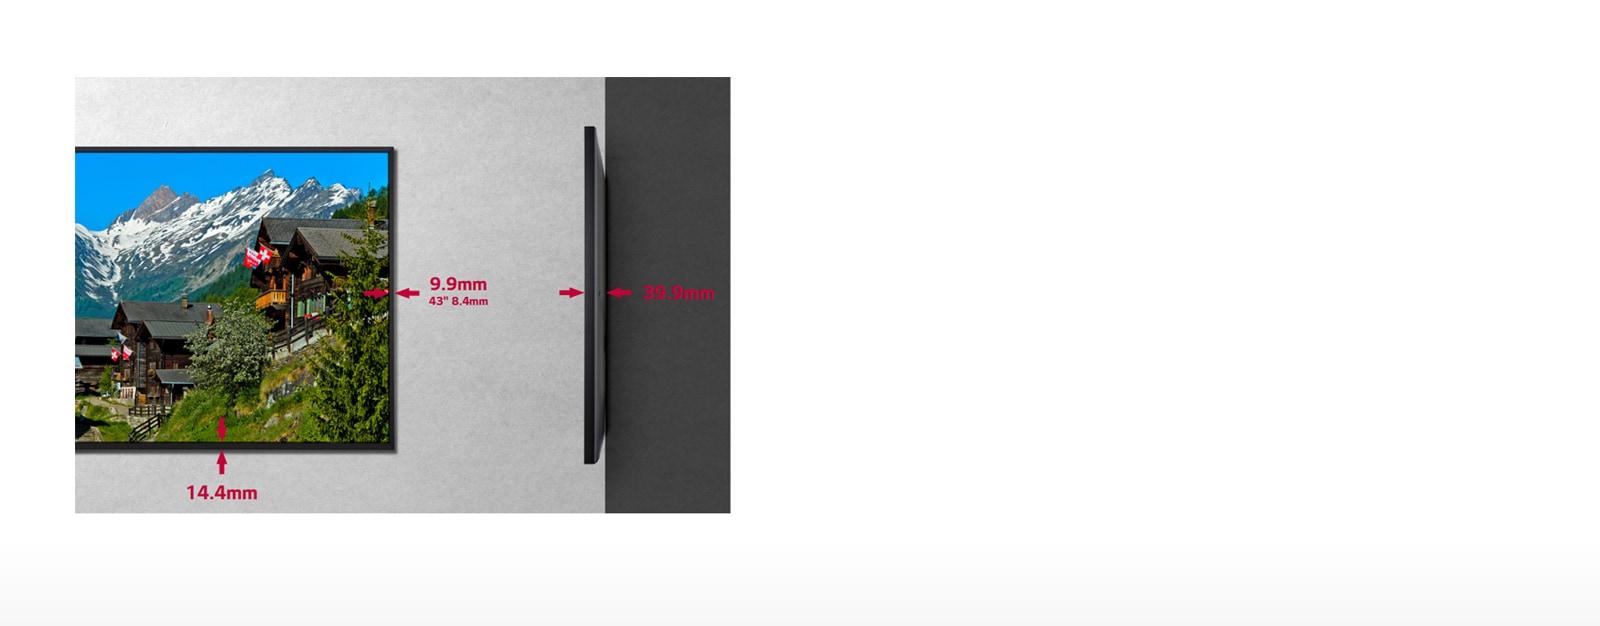 UH5F-B-04-Narrow Bezel & Slim Depth-Standard Premium-Digital Signage-ID_1563923724611